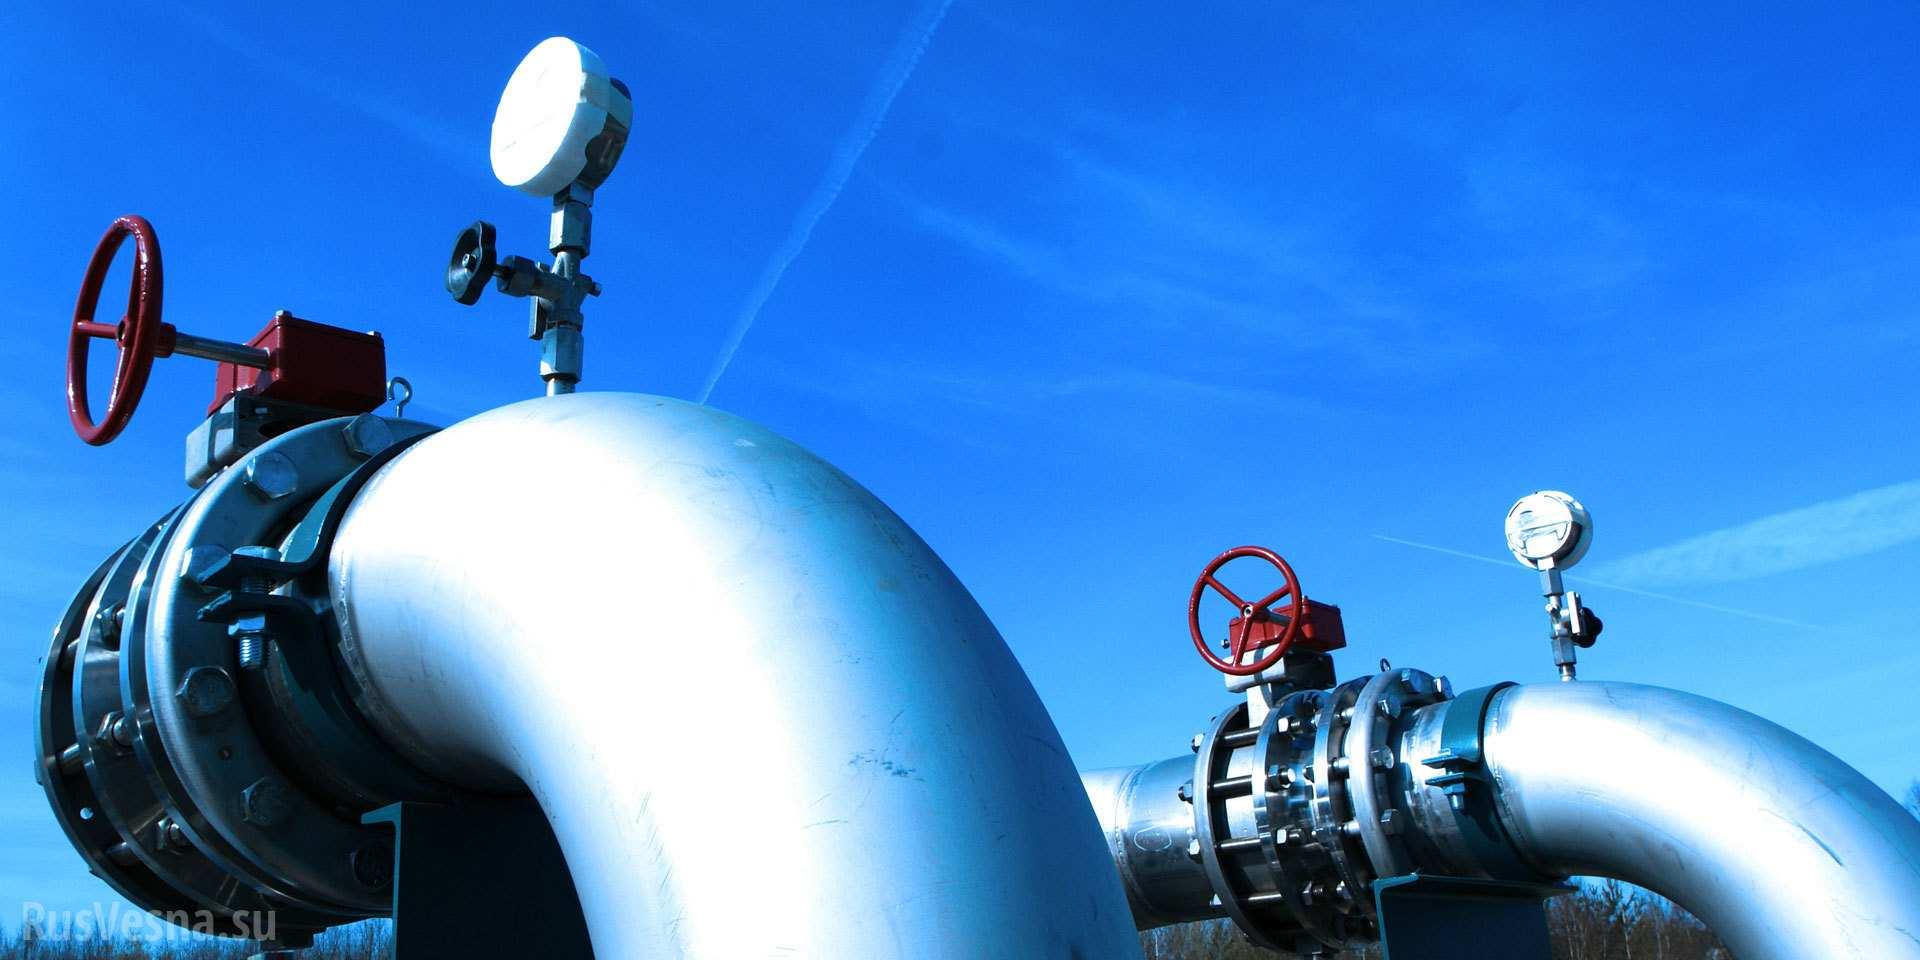 Китай уже в октябре может стать крупнейшим импортером газа, заявили в МЭА